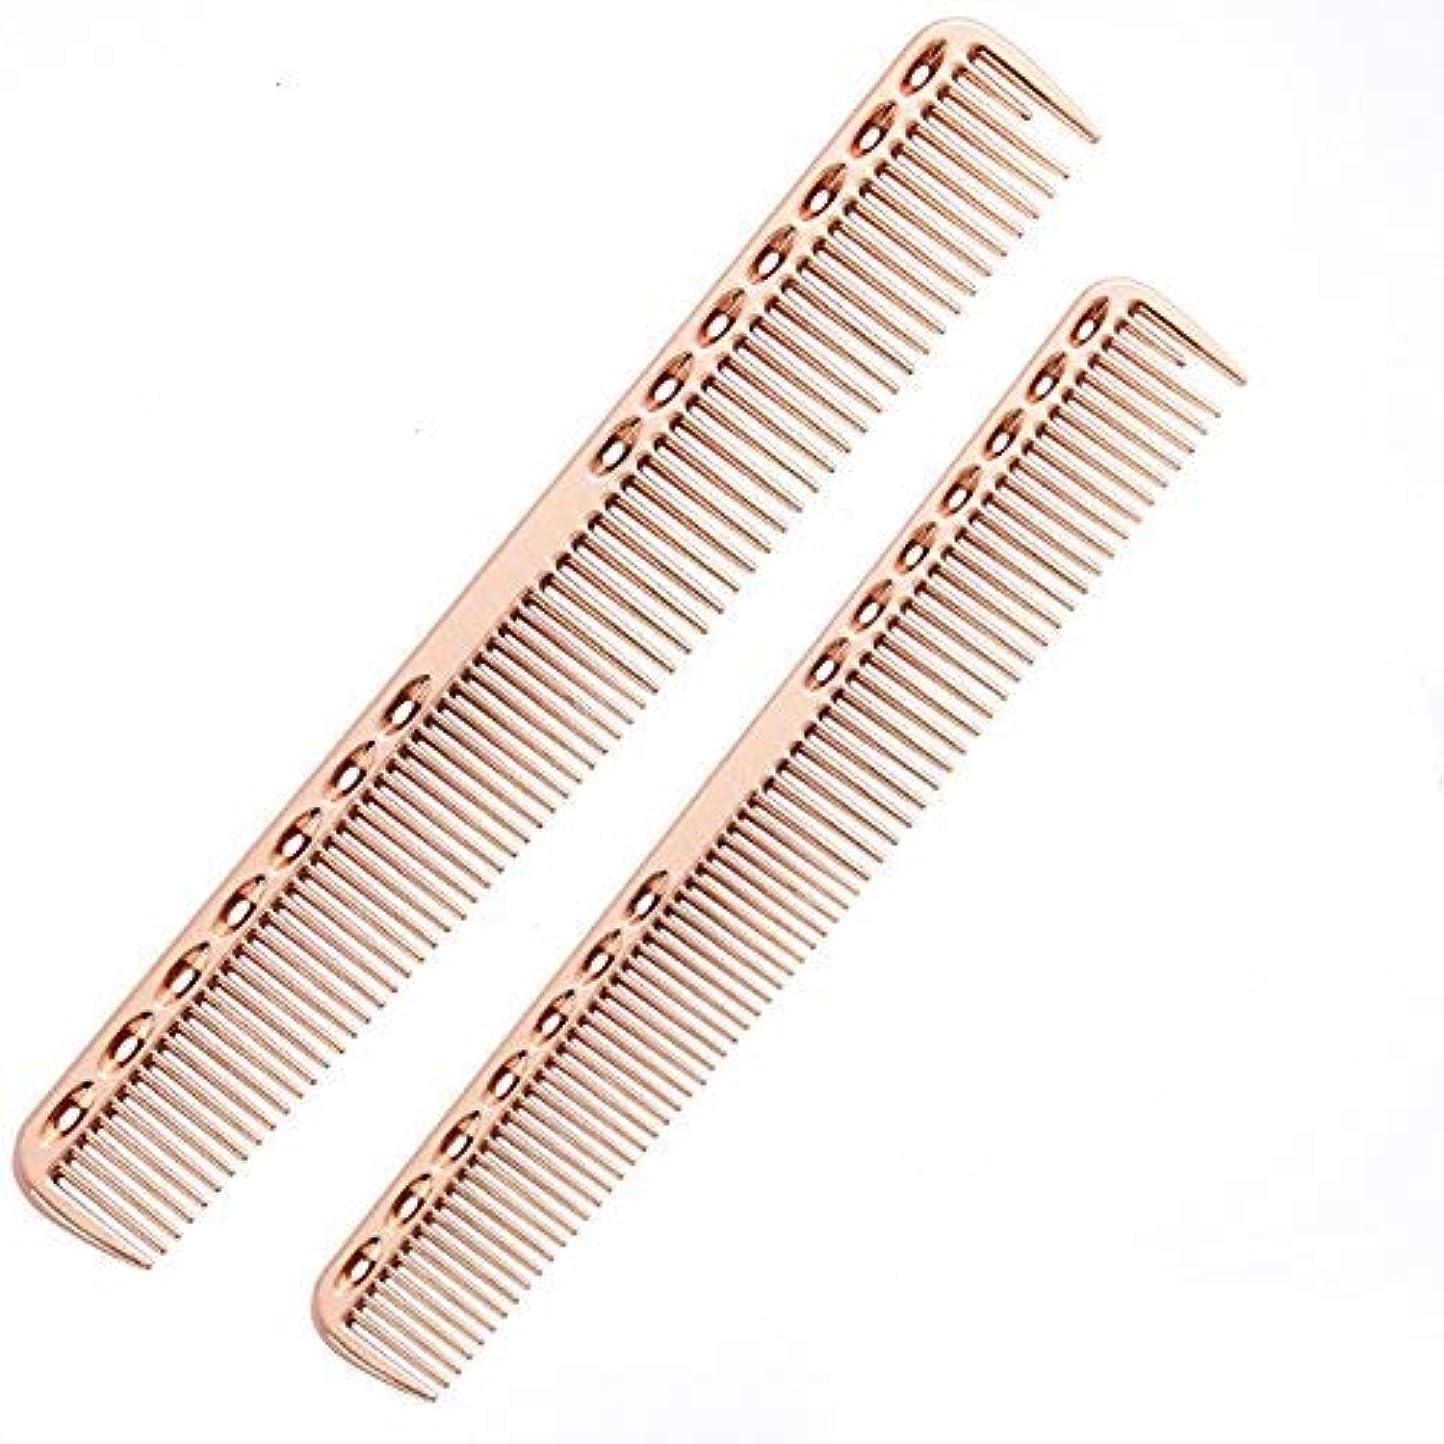 パーフェルビッドはず排泄するSMITH CHU Professional Space Aluminum Dressing Combs for Women - Best Styling Comb for Long,Wet or Curly, Reduce...